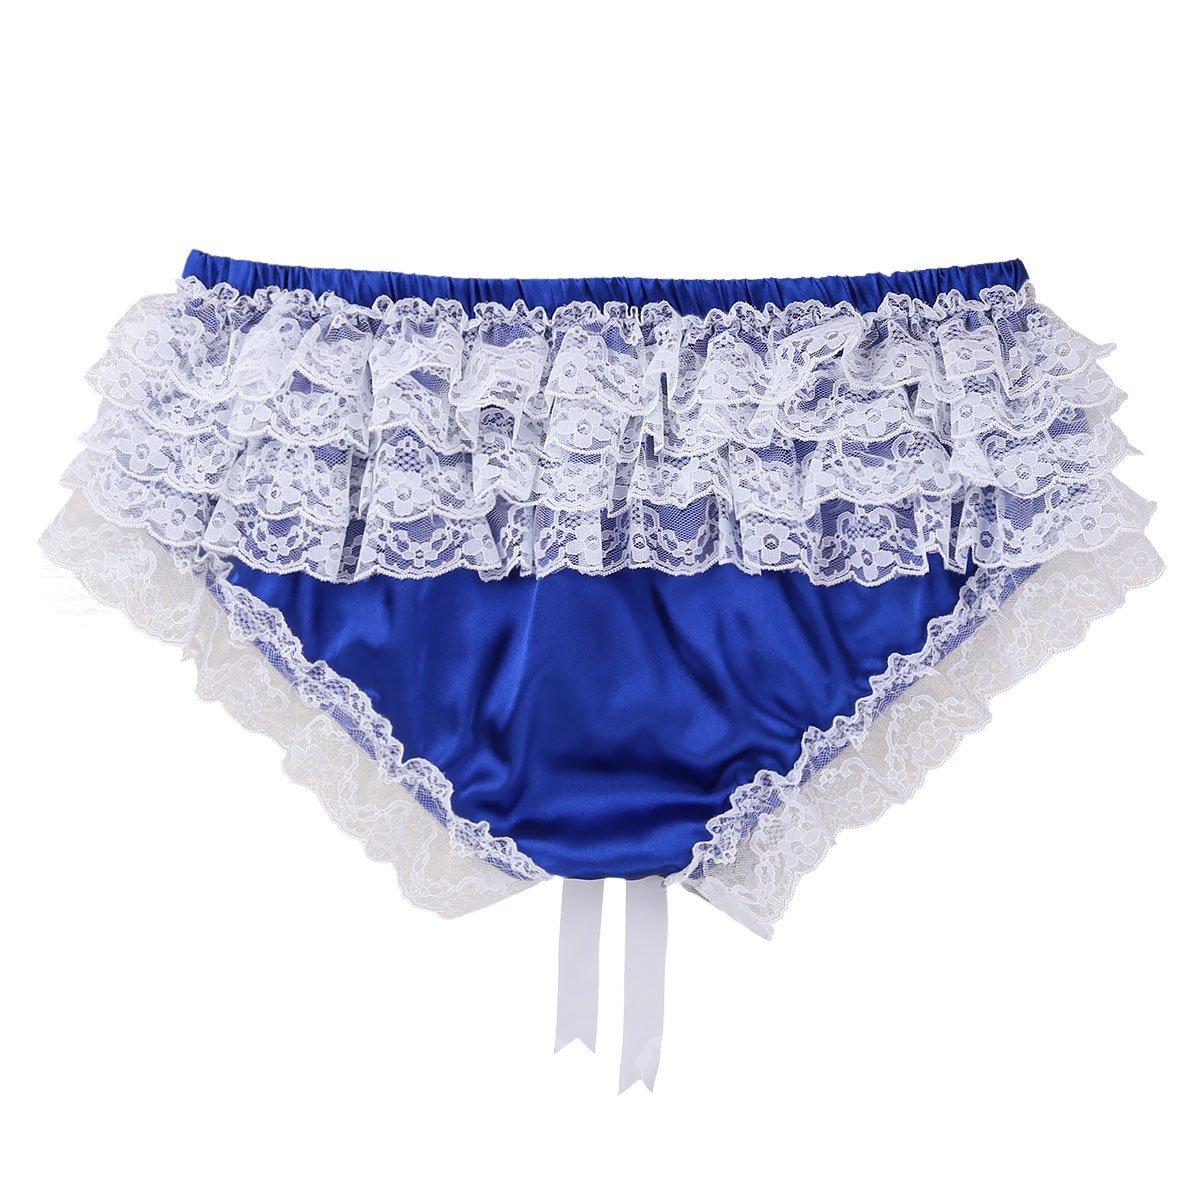 ea36f1b33a ACSUSS Men s Silky Shiny Satin Ruffled Lacy Sissy Thongs Crossdress  Underwear at Amazon Men s Clothing store